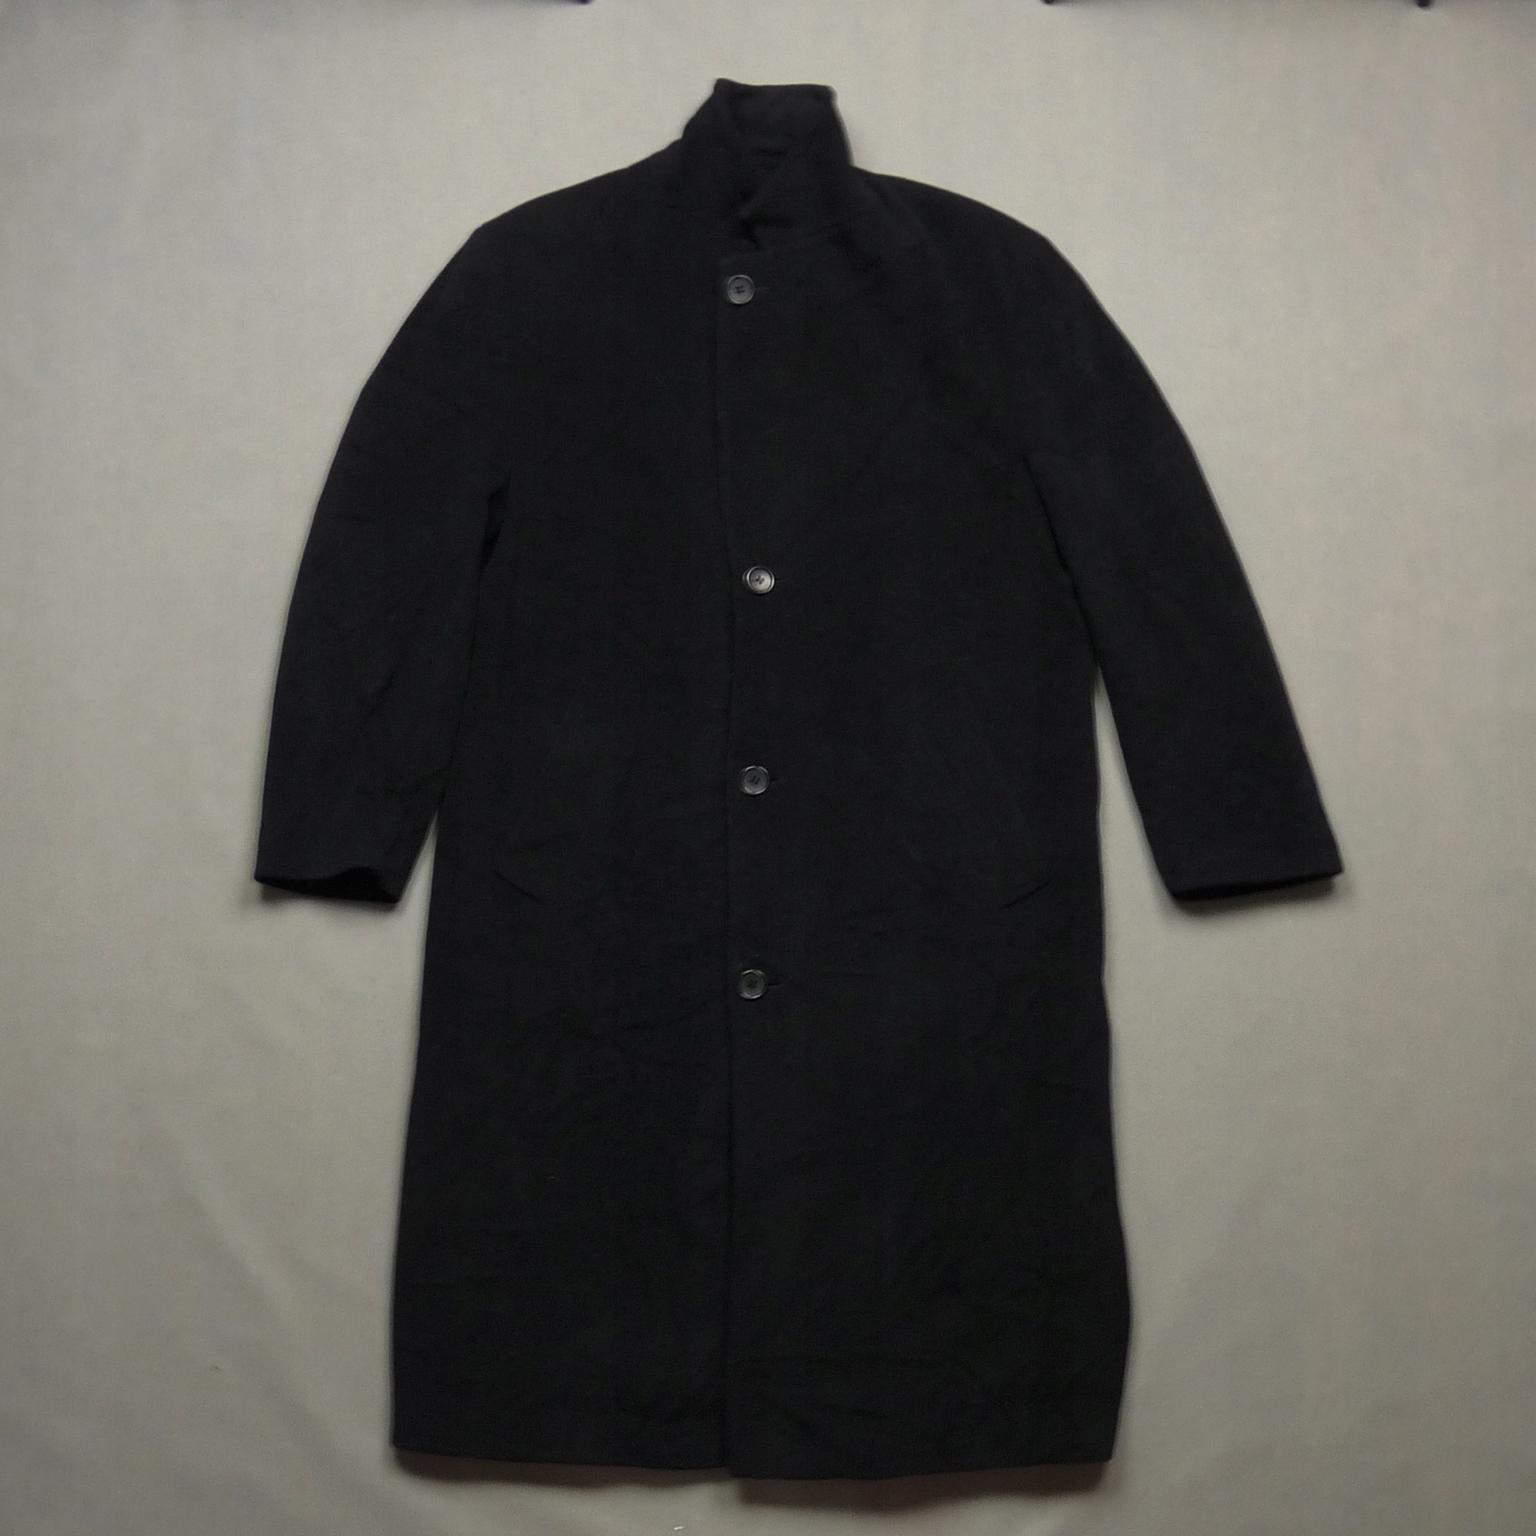 1176895c7b8be HUGO BOSS czarny wełniany płaszcz DE TOMASO 52 XL - 7609709199 ...